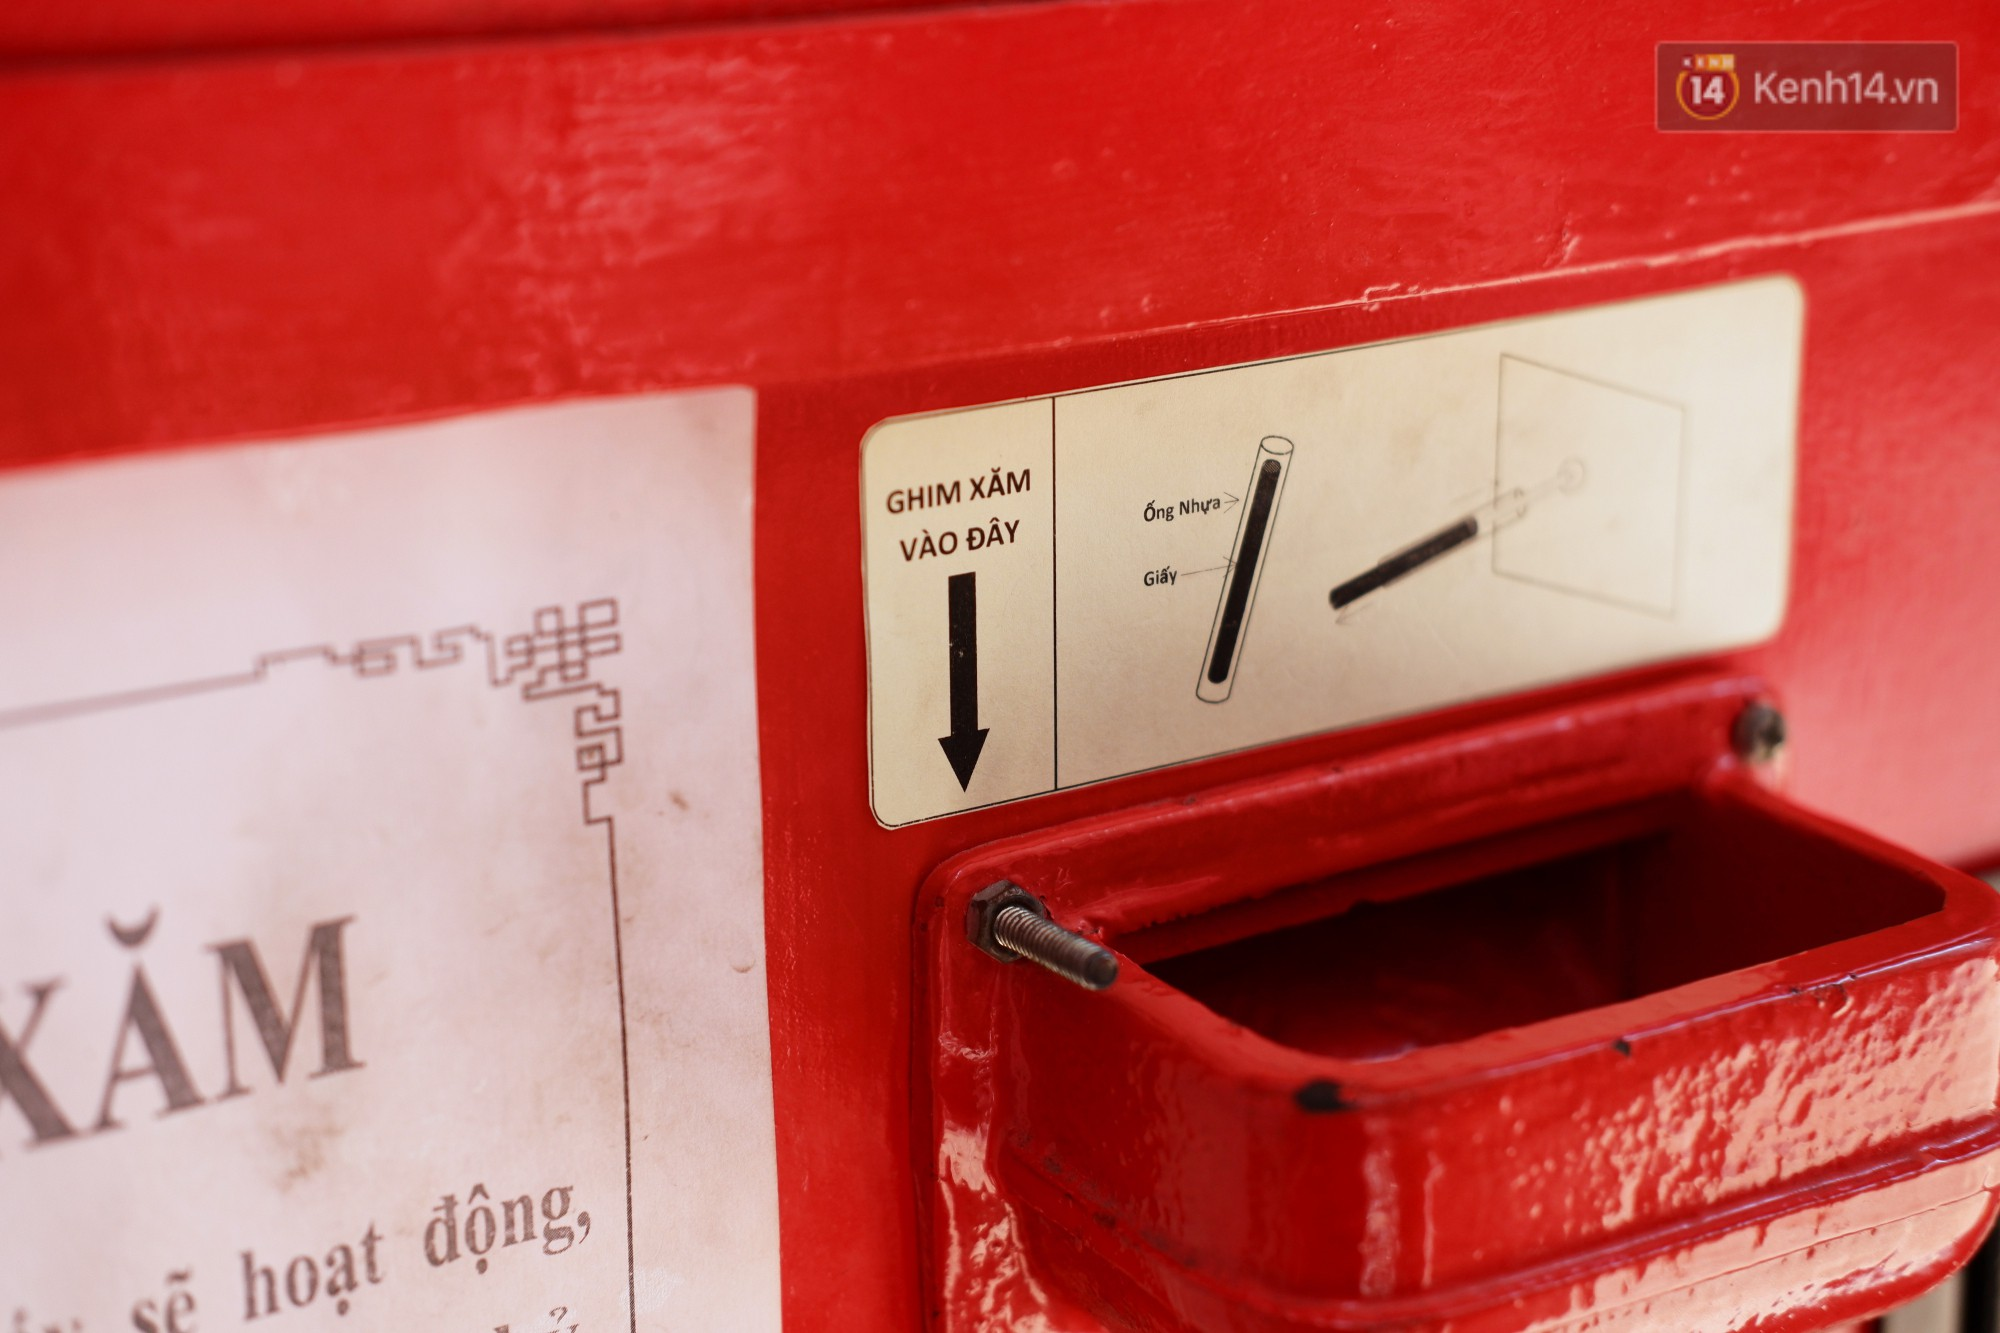 Bỏ tiền xu lấy thẻ xăm bằng máy tự động: Người Sài Gòn nườm nượp xem quẻ đầu năm thời công nghệ 4.0 - Ảnh 9.